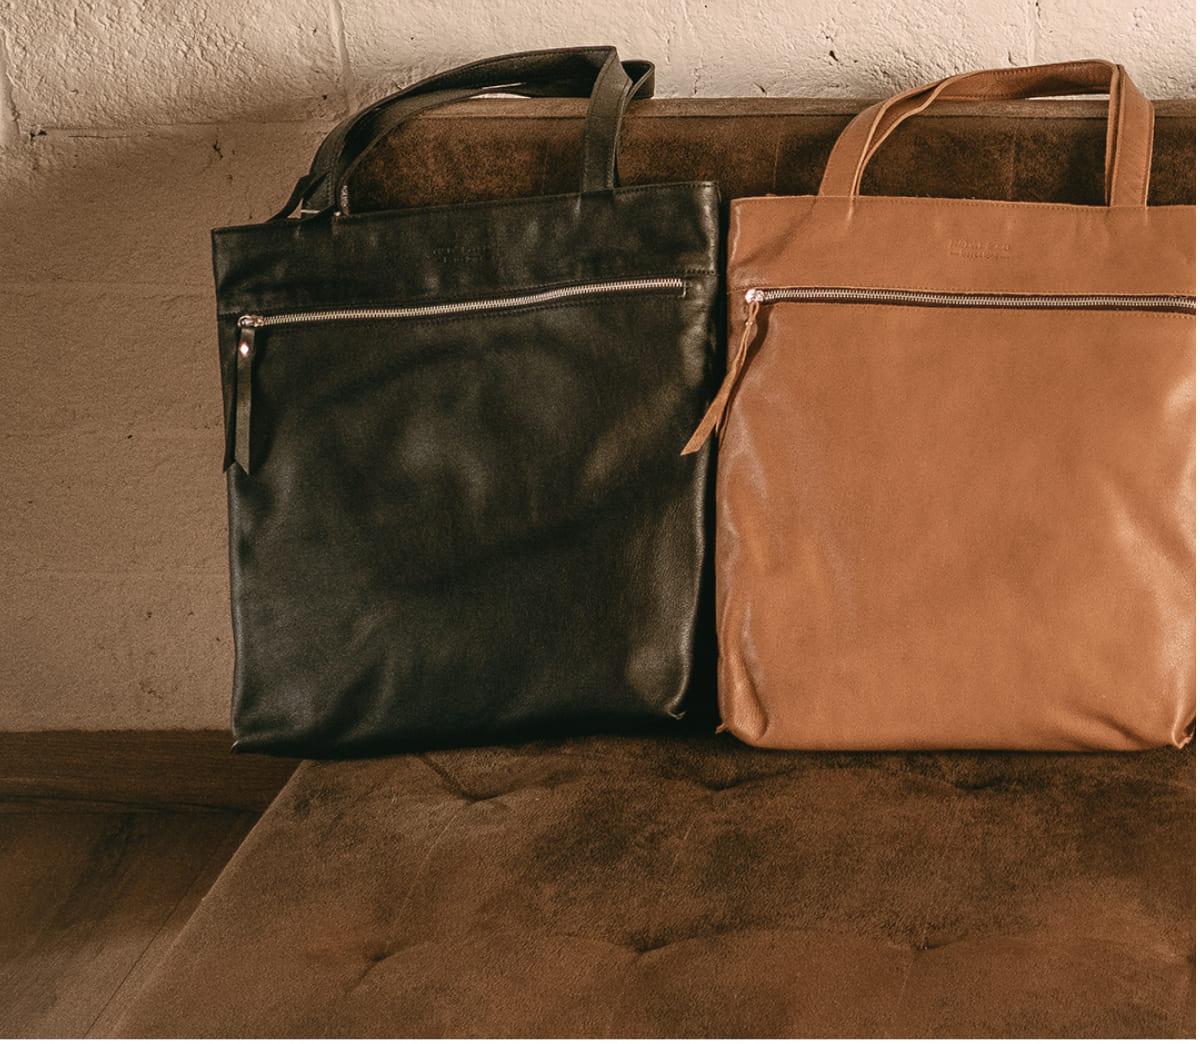 Bolsos portadocumentos de todos los tipos y colores, las ultimas tendencias en moda para este otoño